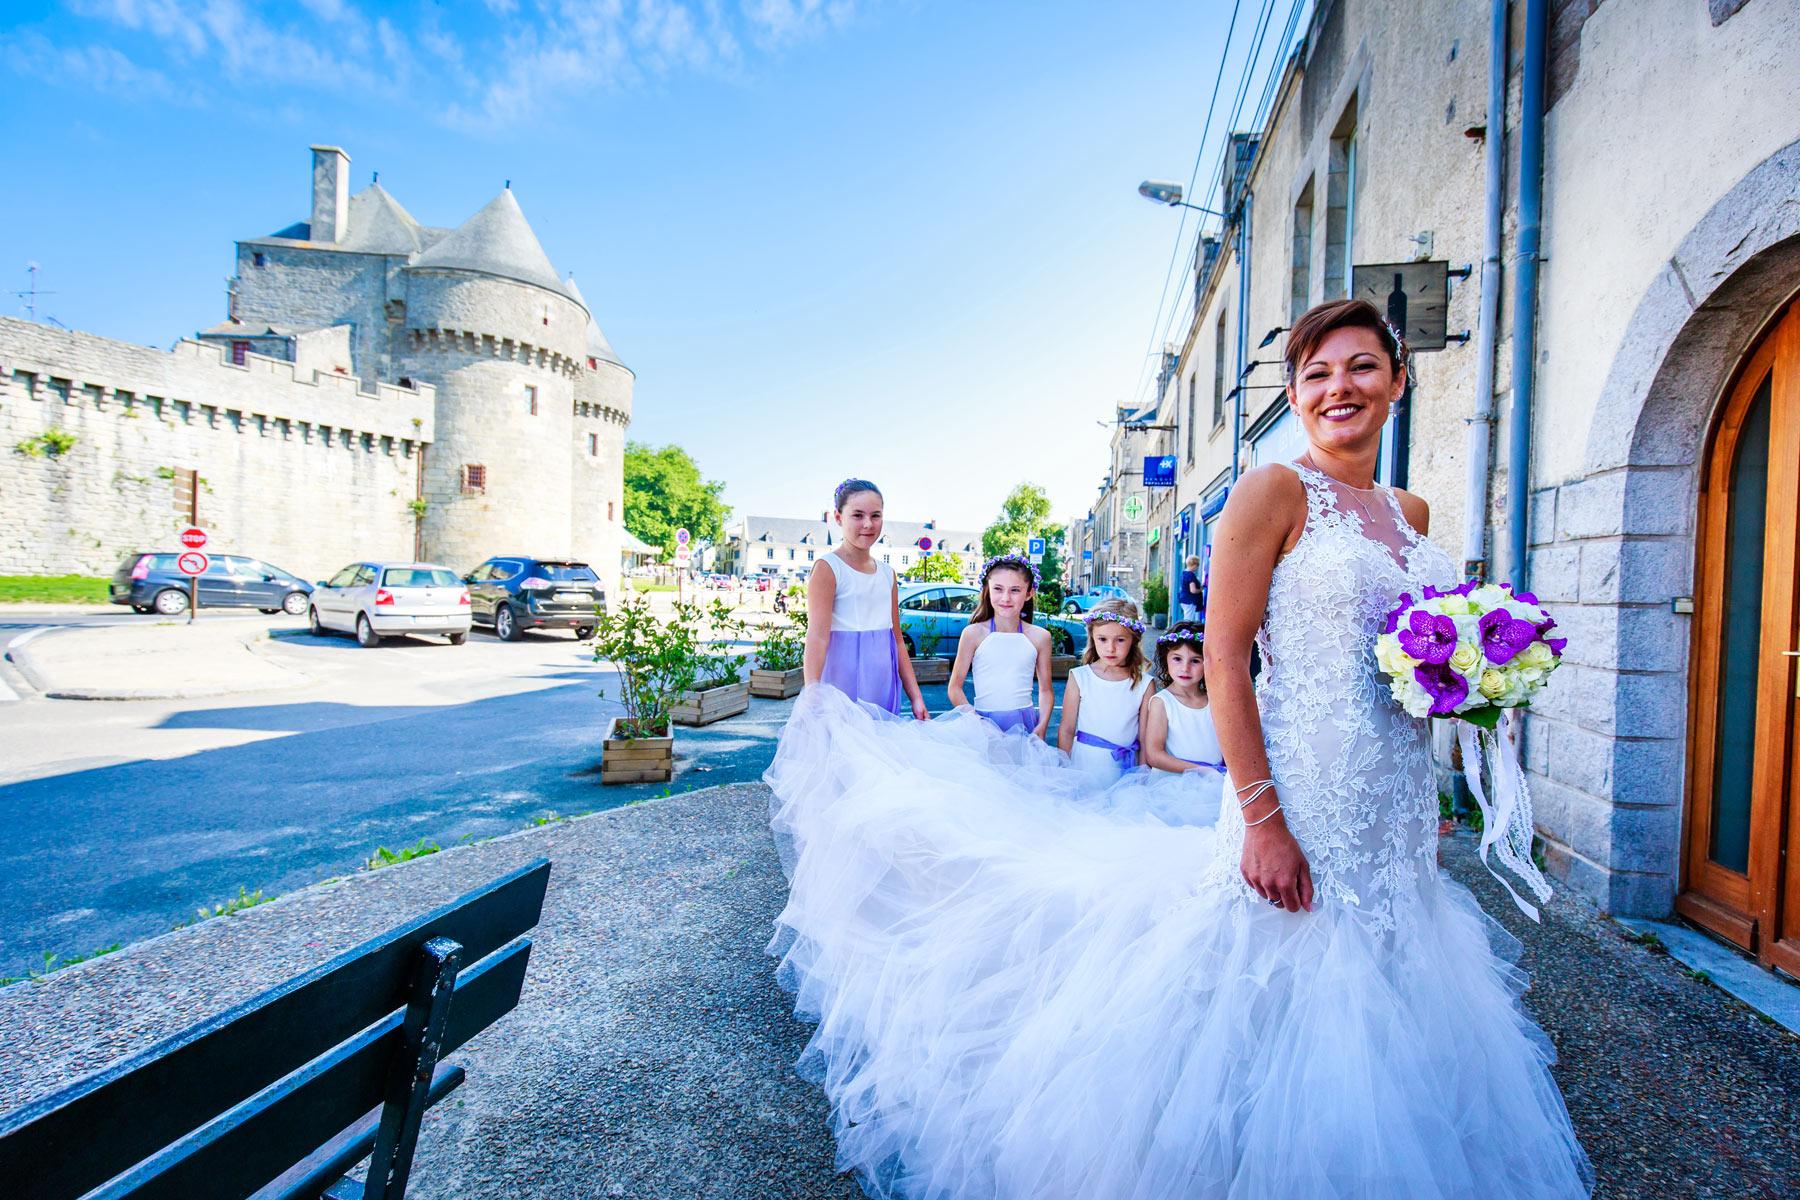 Reportage photo de mariage à Guérande La Baule Presqu'ile de Guérande , photographe nils dessale